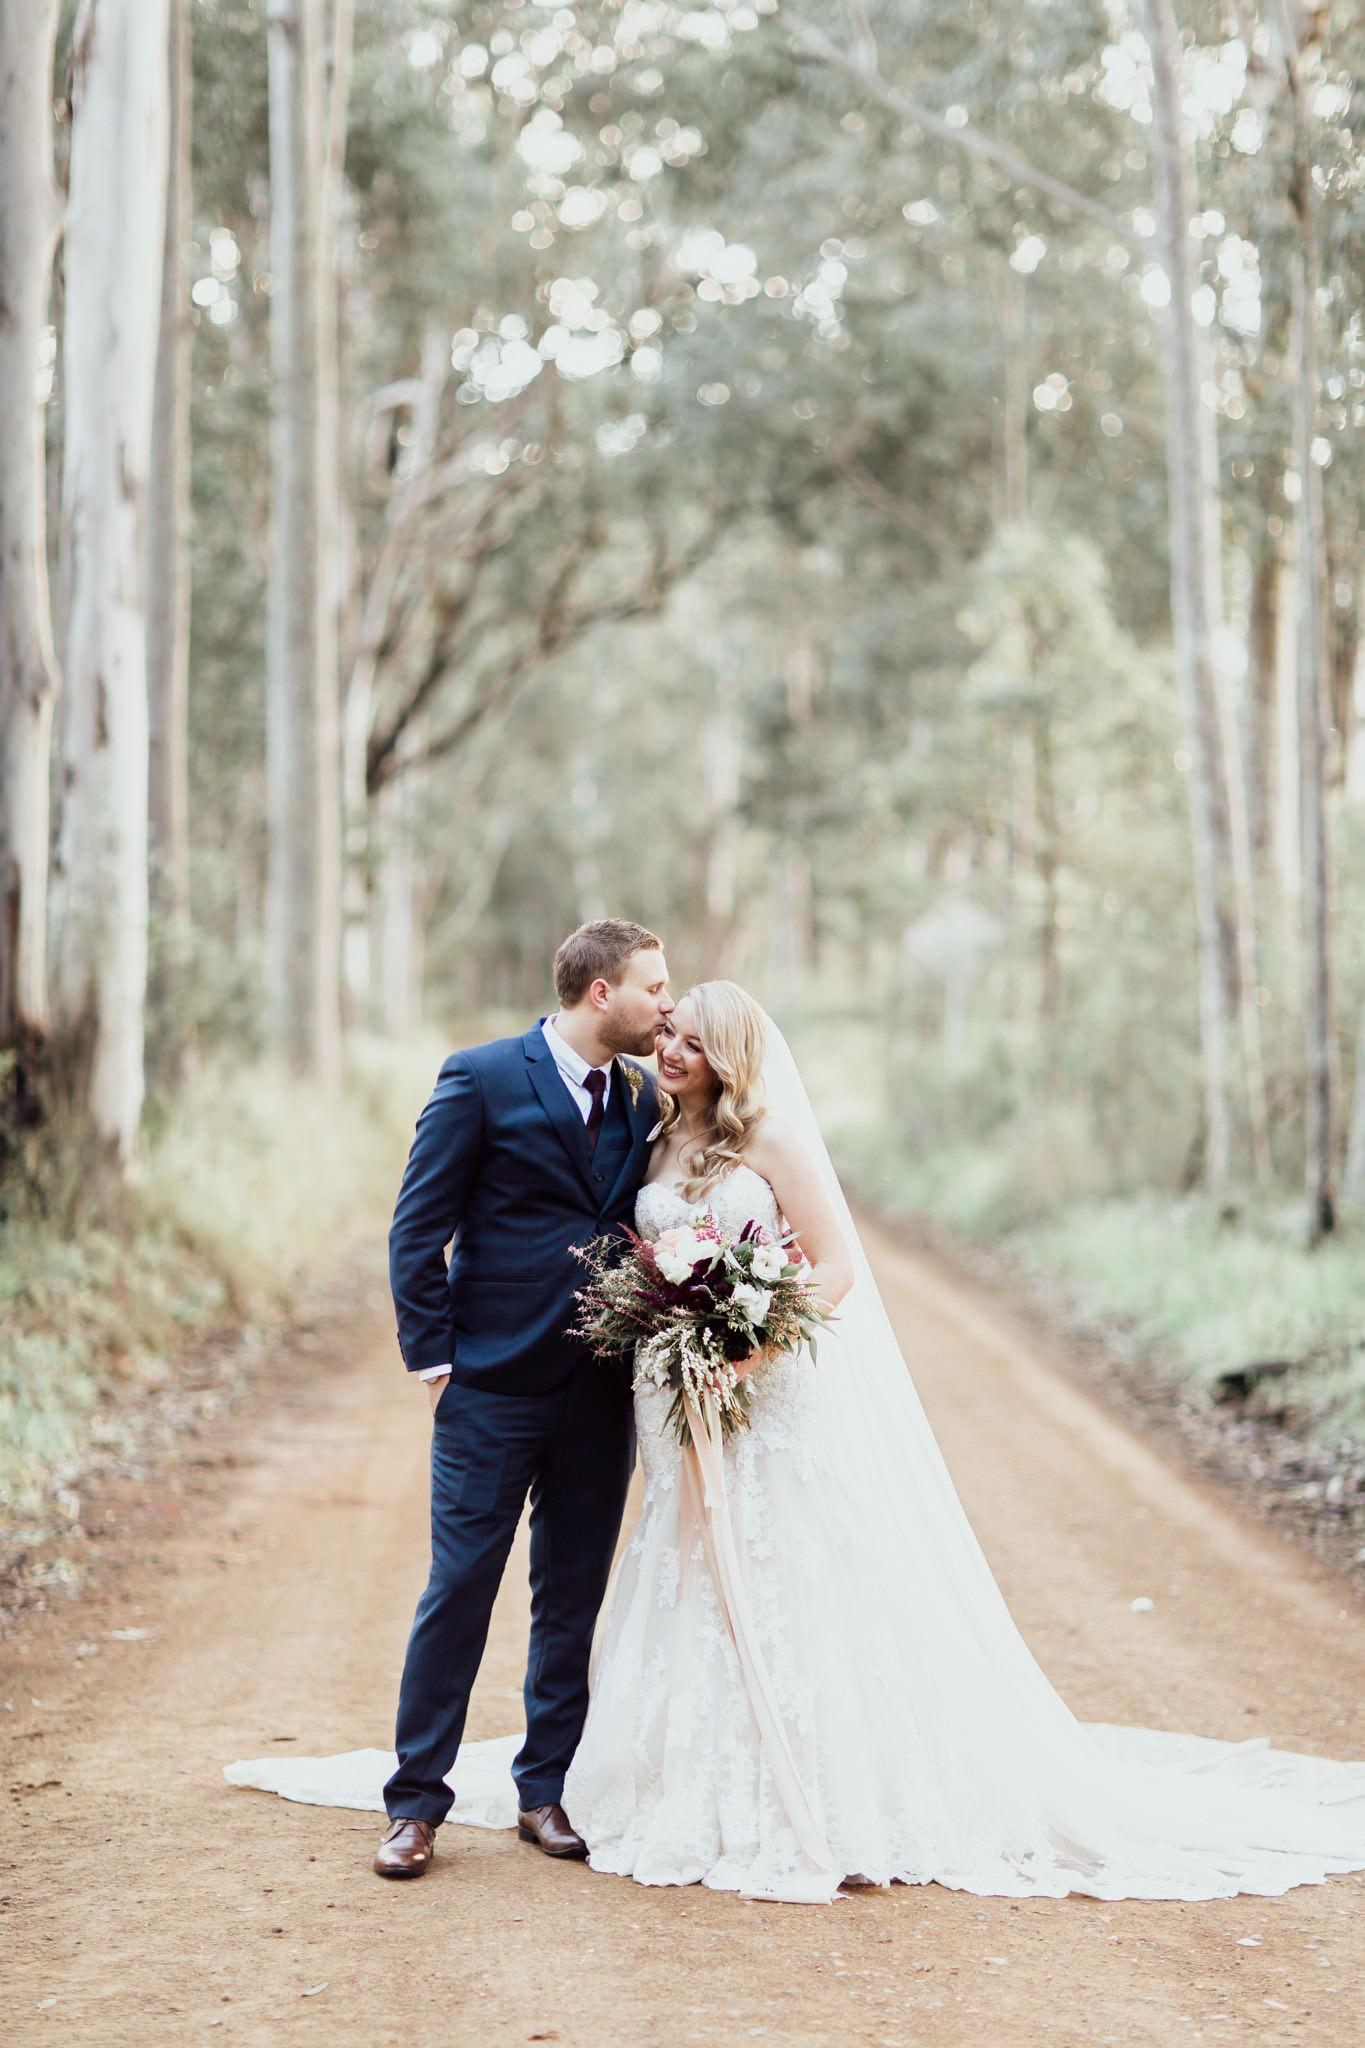 WeddingPhotos_Facebook_2048pixels-1086.jpg